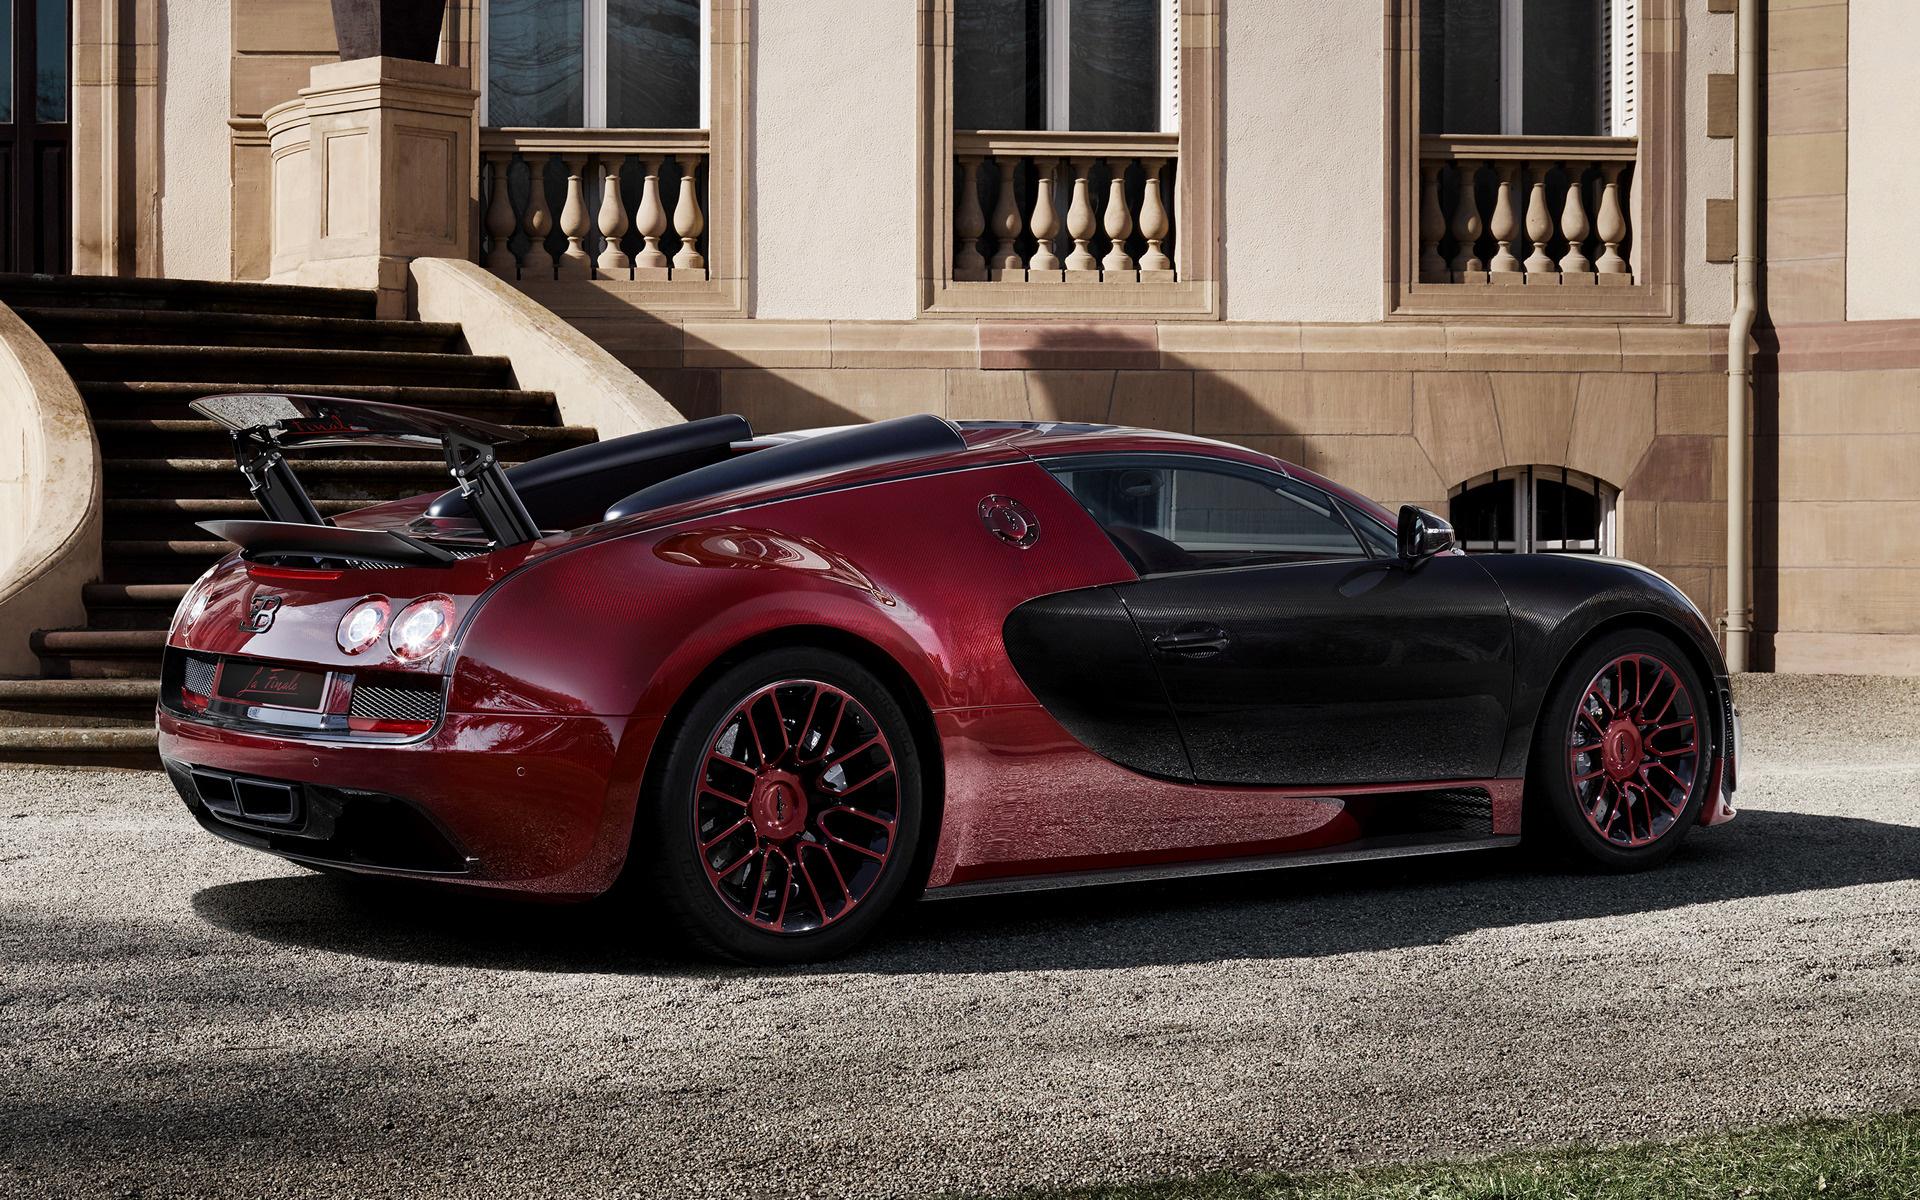 Bugatti Veyron Grand Sport Vitesse Wallpaper Hd: 2015 Bugatti Veyron Grand Sport Vitesse La Finale